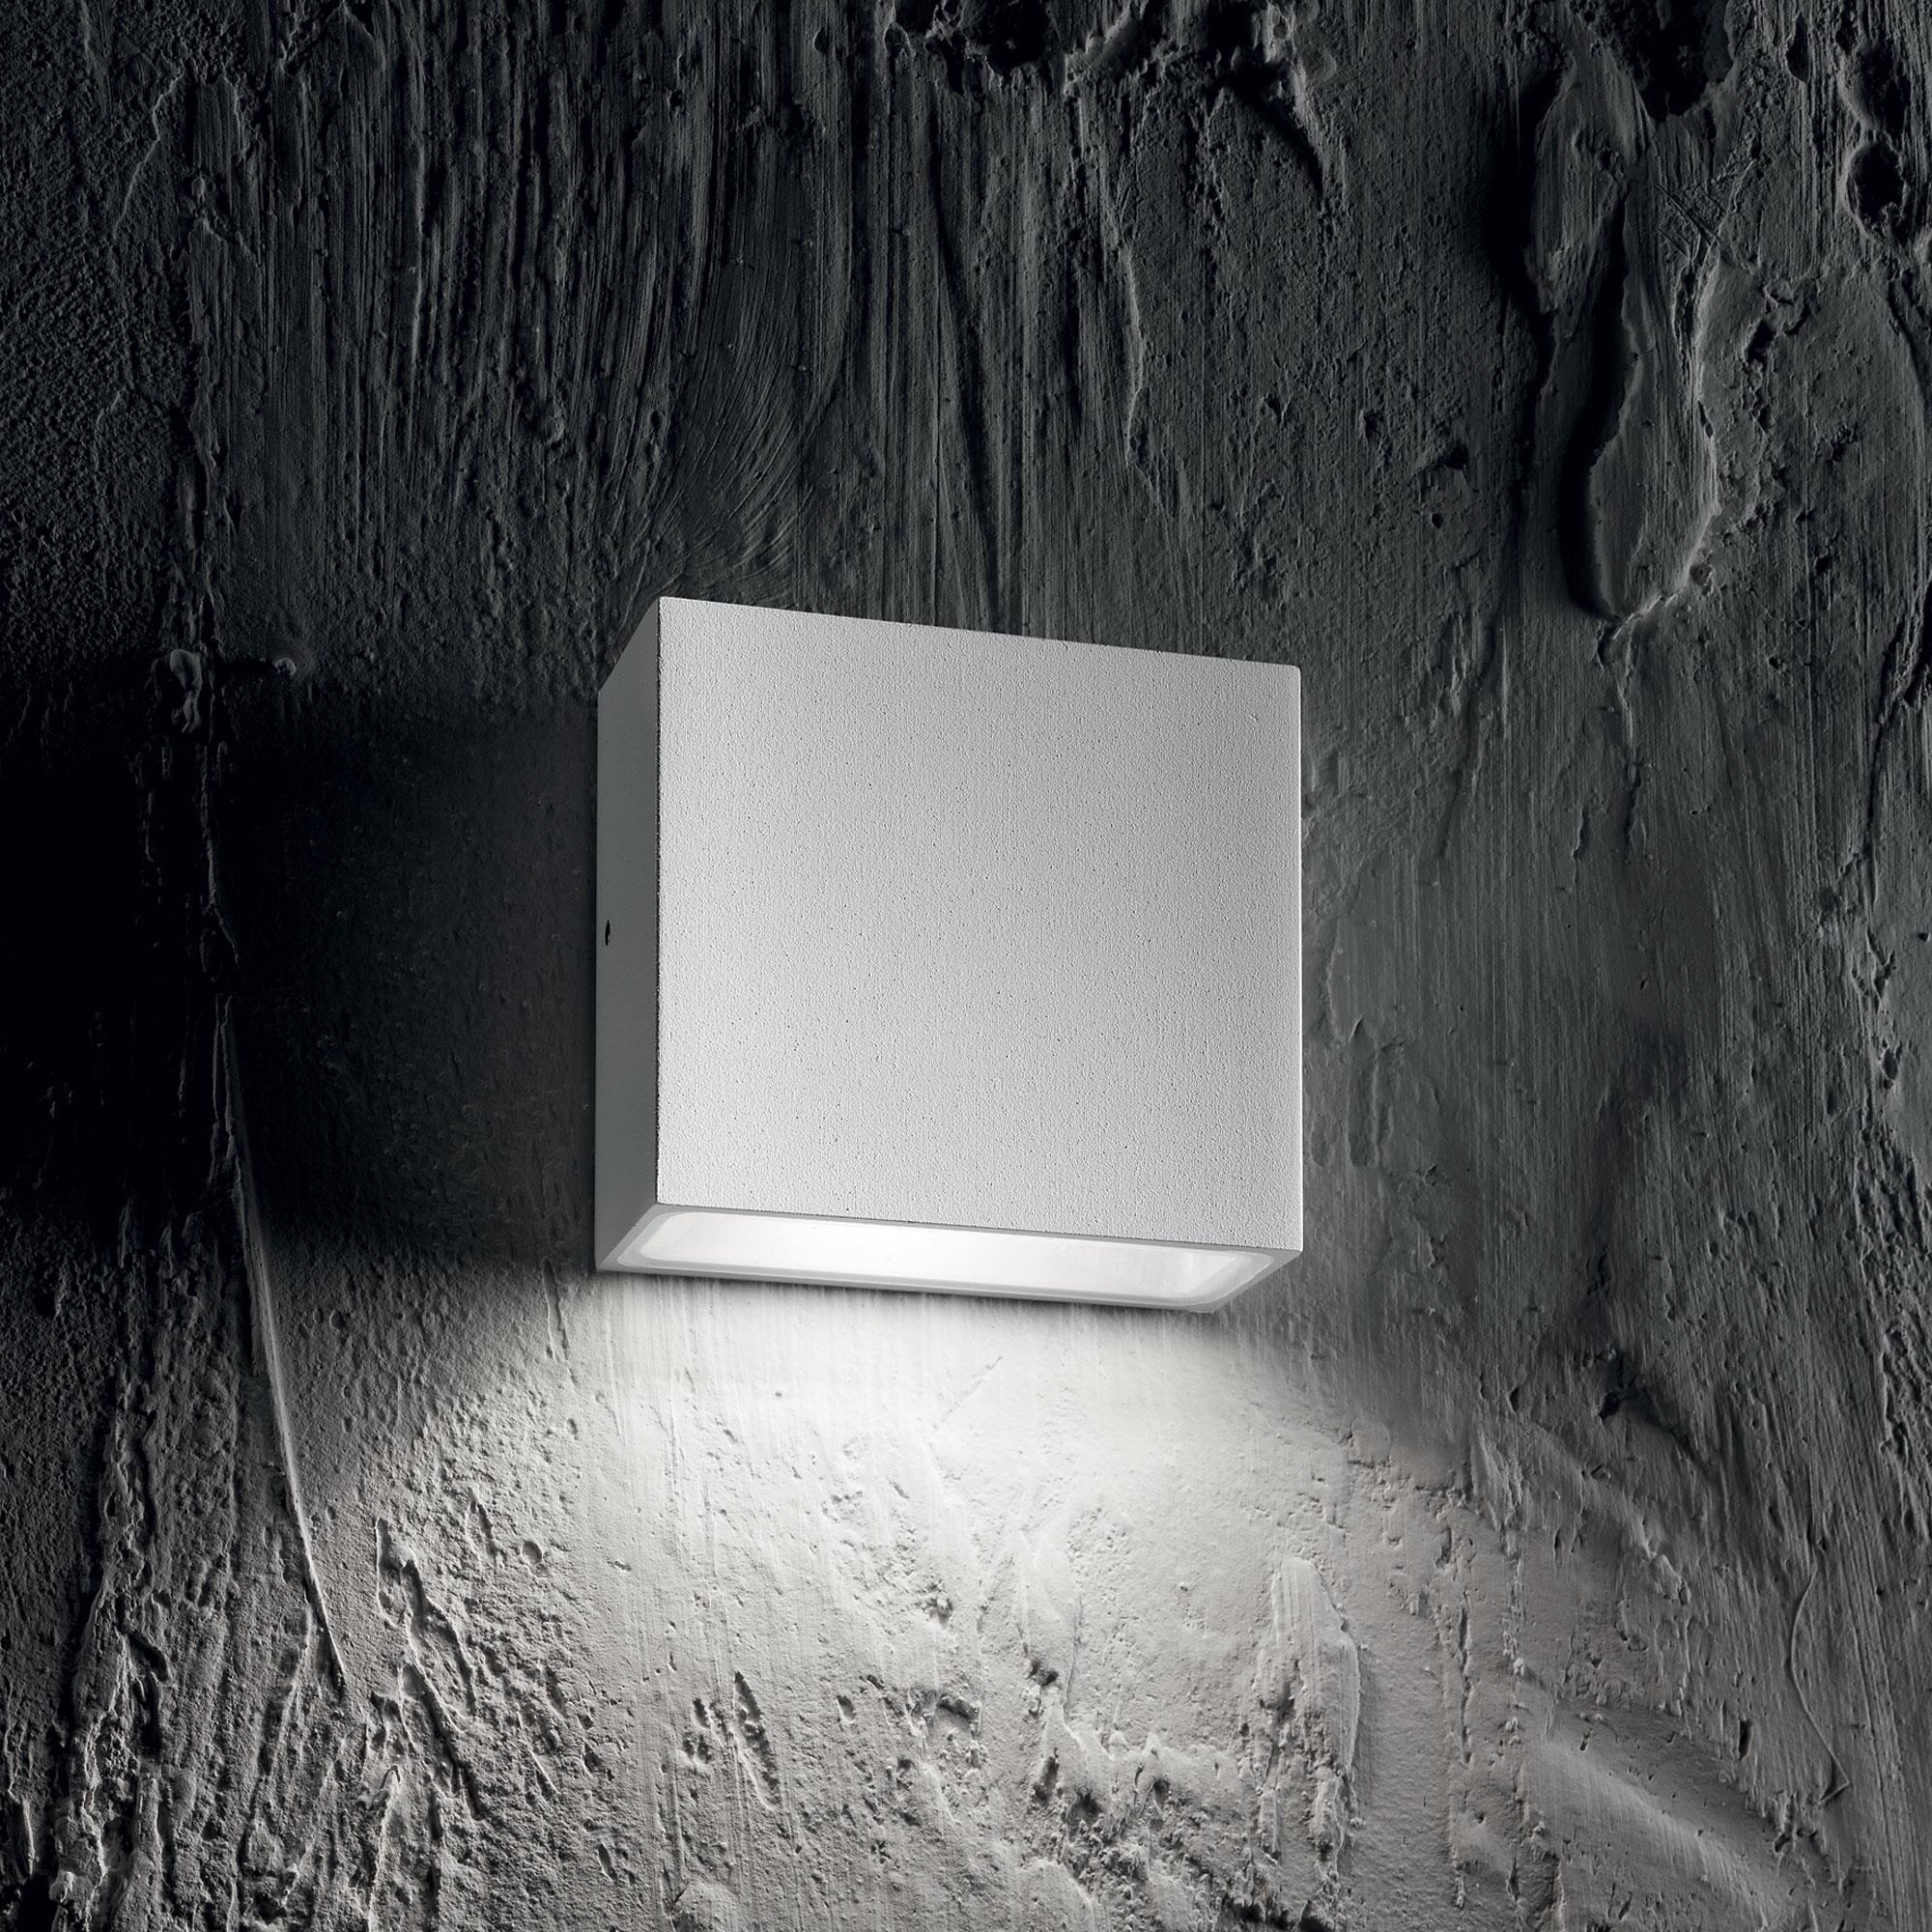 Ideal Lux 114293 Tetris-1 AP1 Bianco kültéri falilámpa